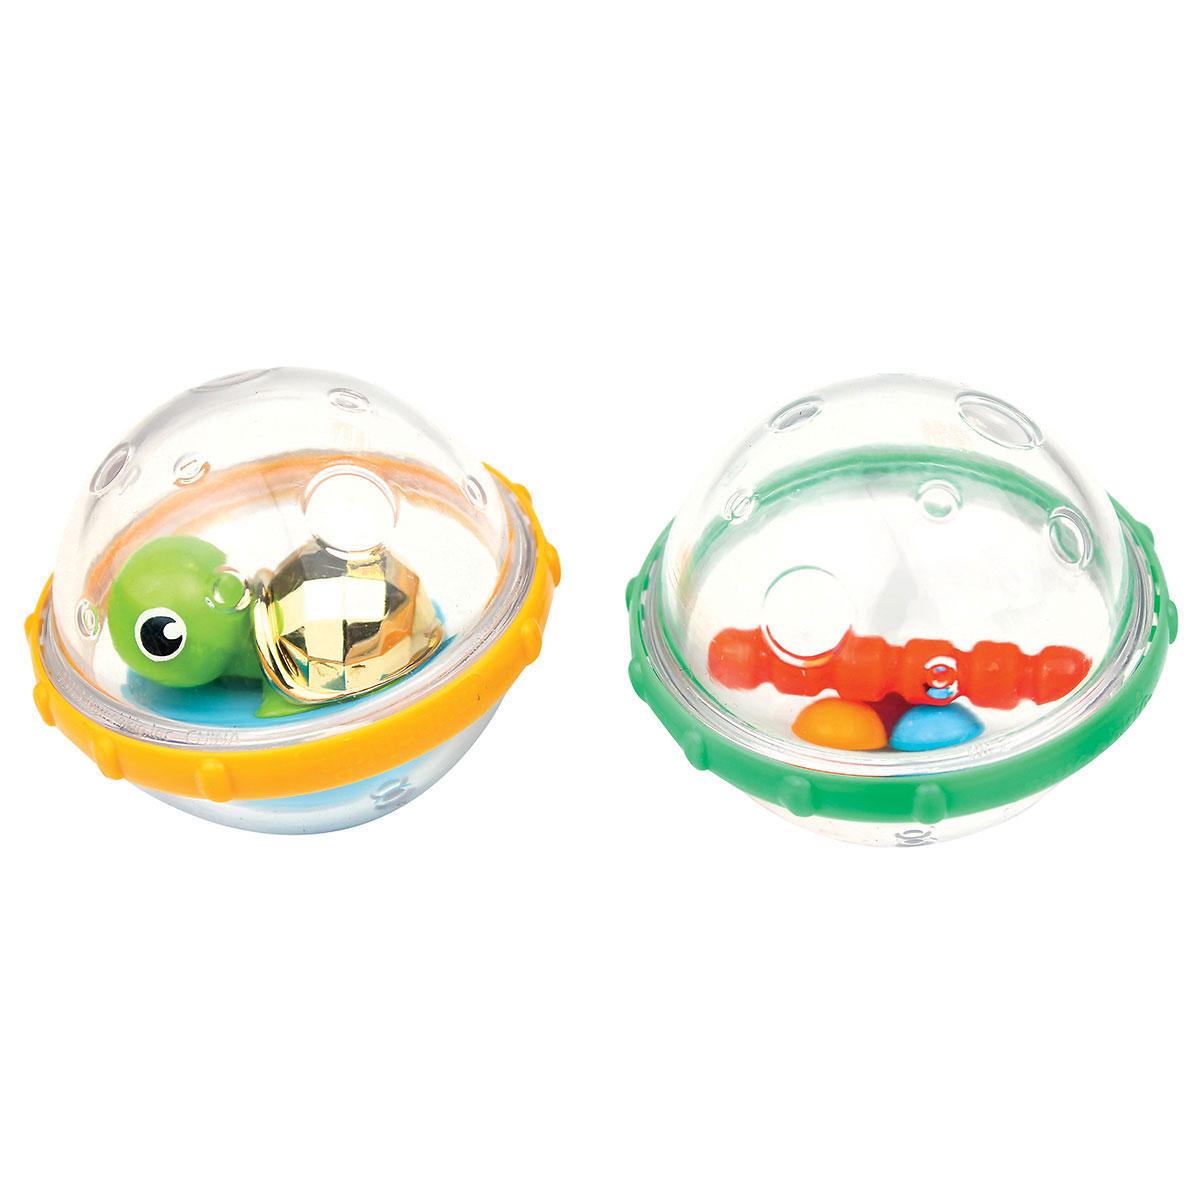 """Игровой набор для ванны Munchkin """"Пузыри-поплавки"""", цвет: желтый, зеленый"""